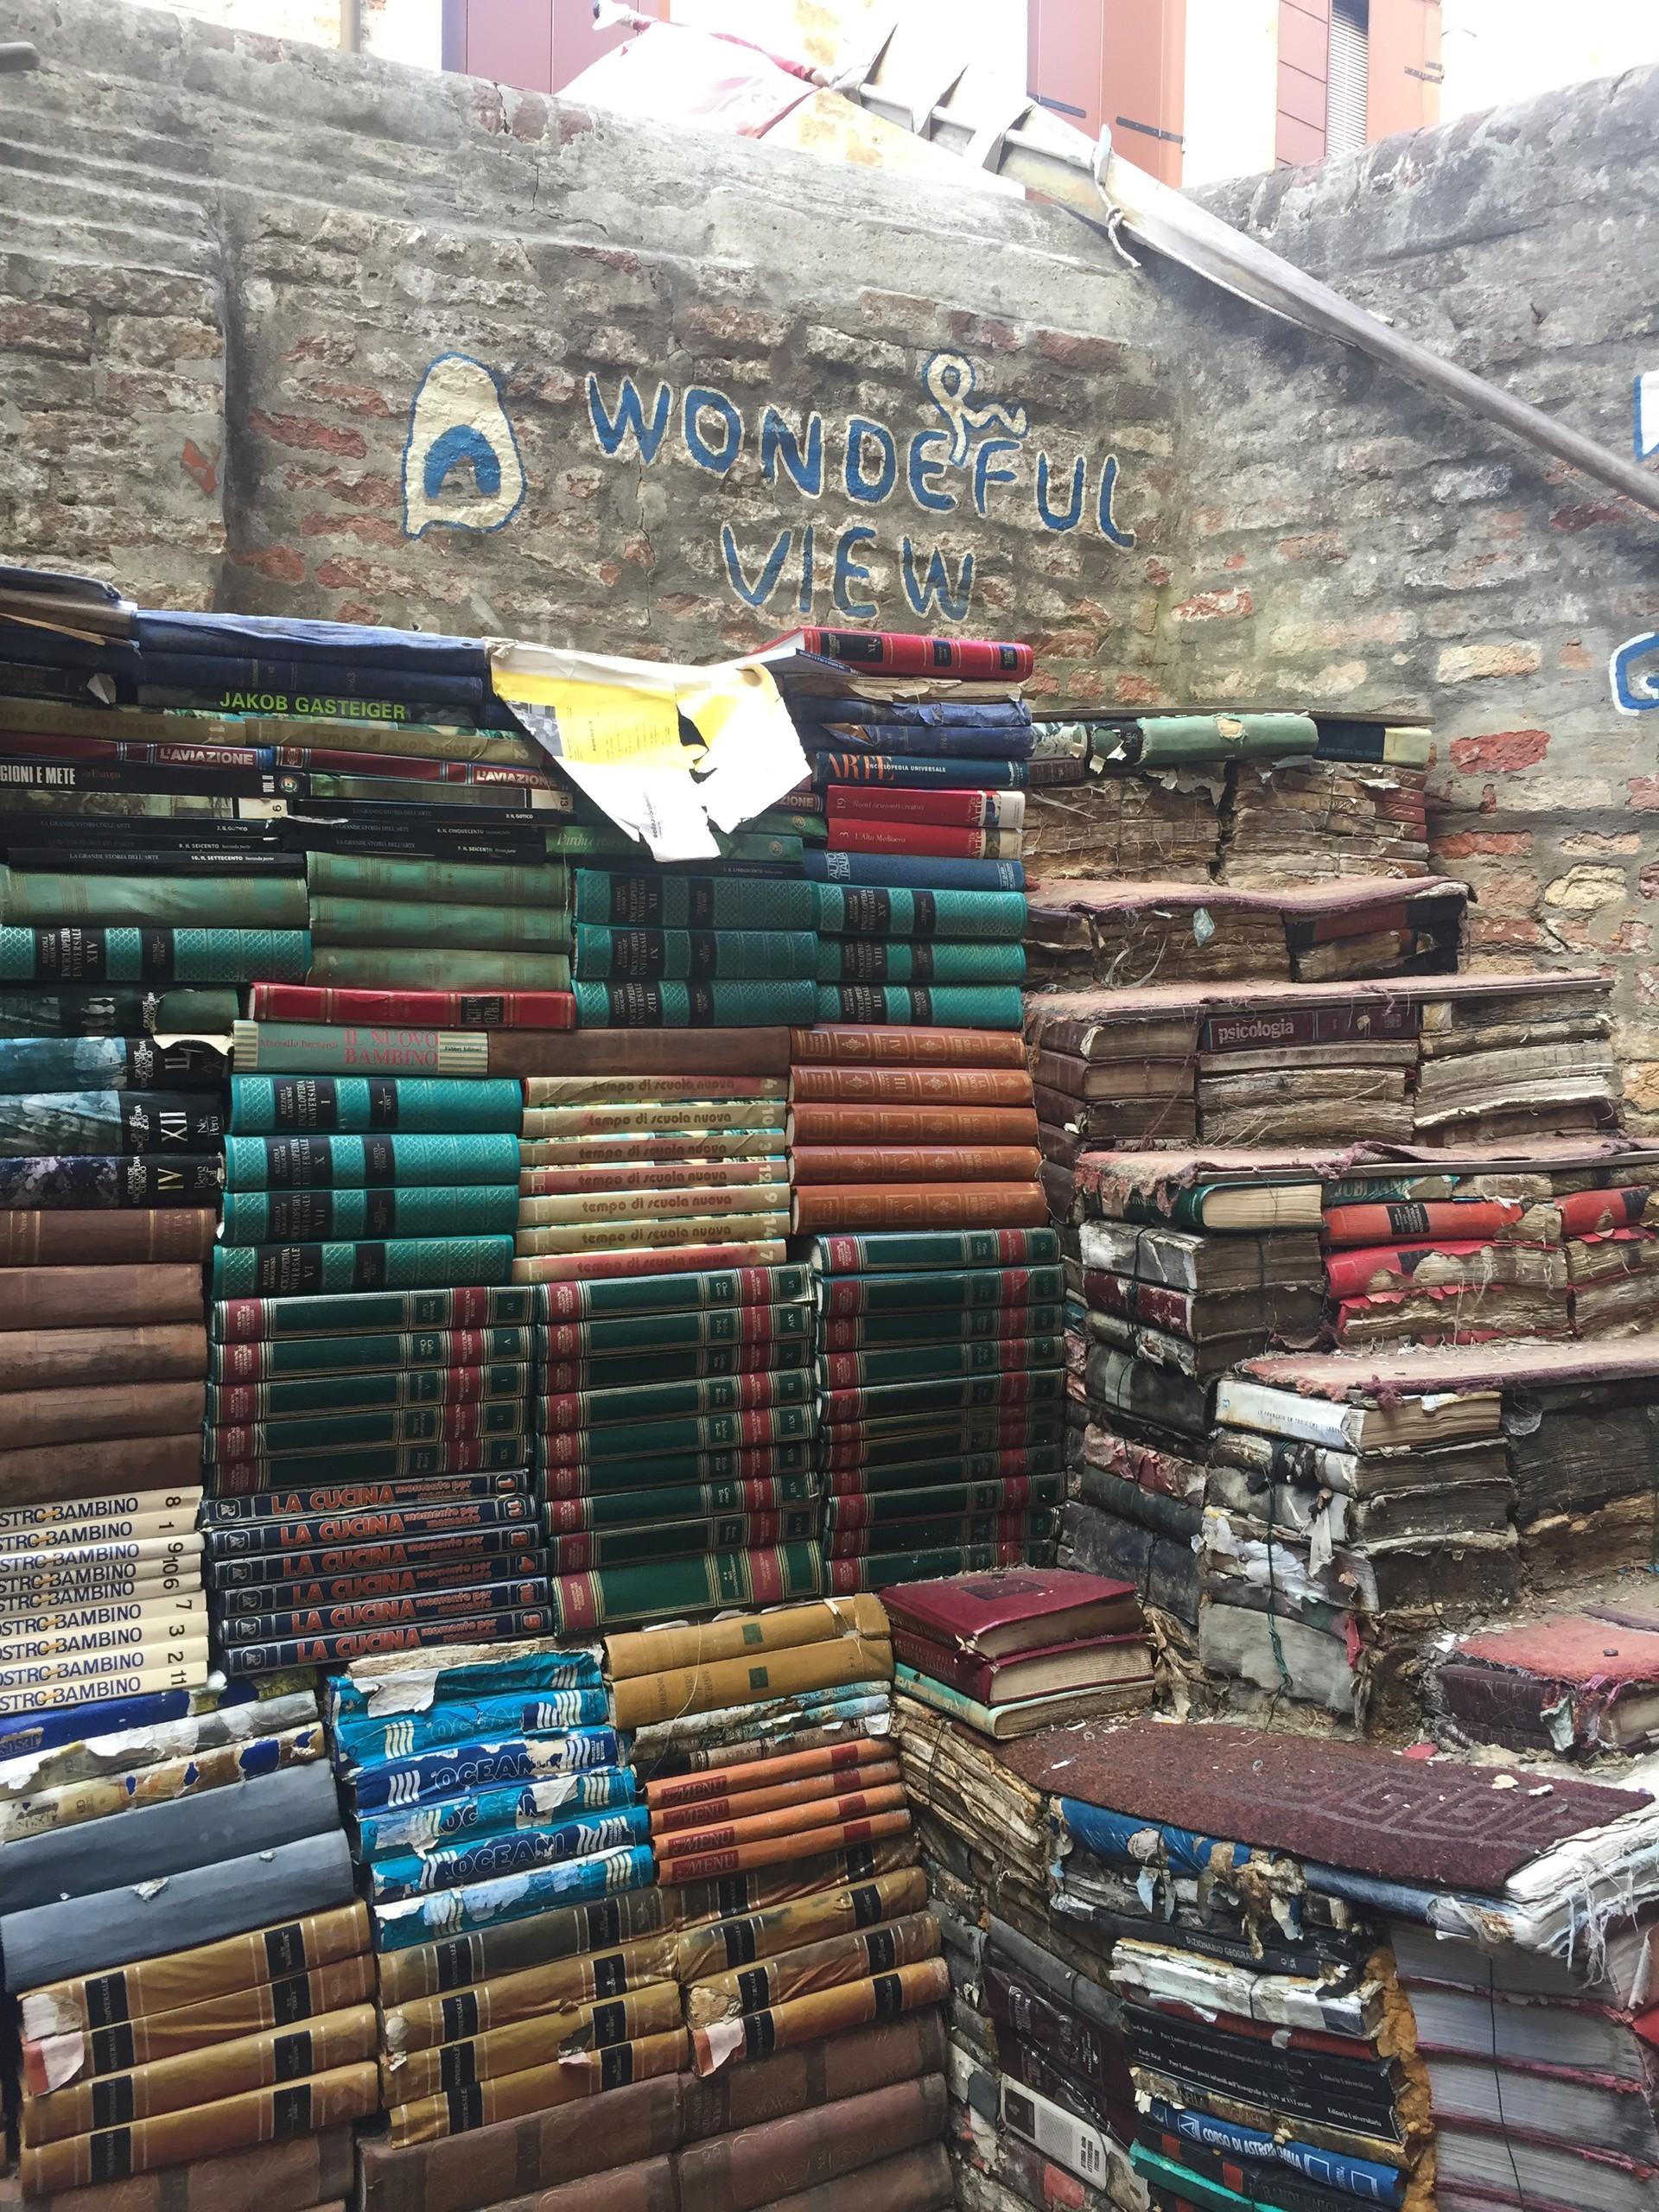 perdida-libros-acqua-alta-f56b29821a45a8